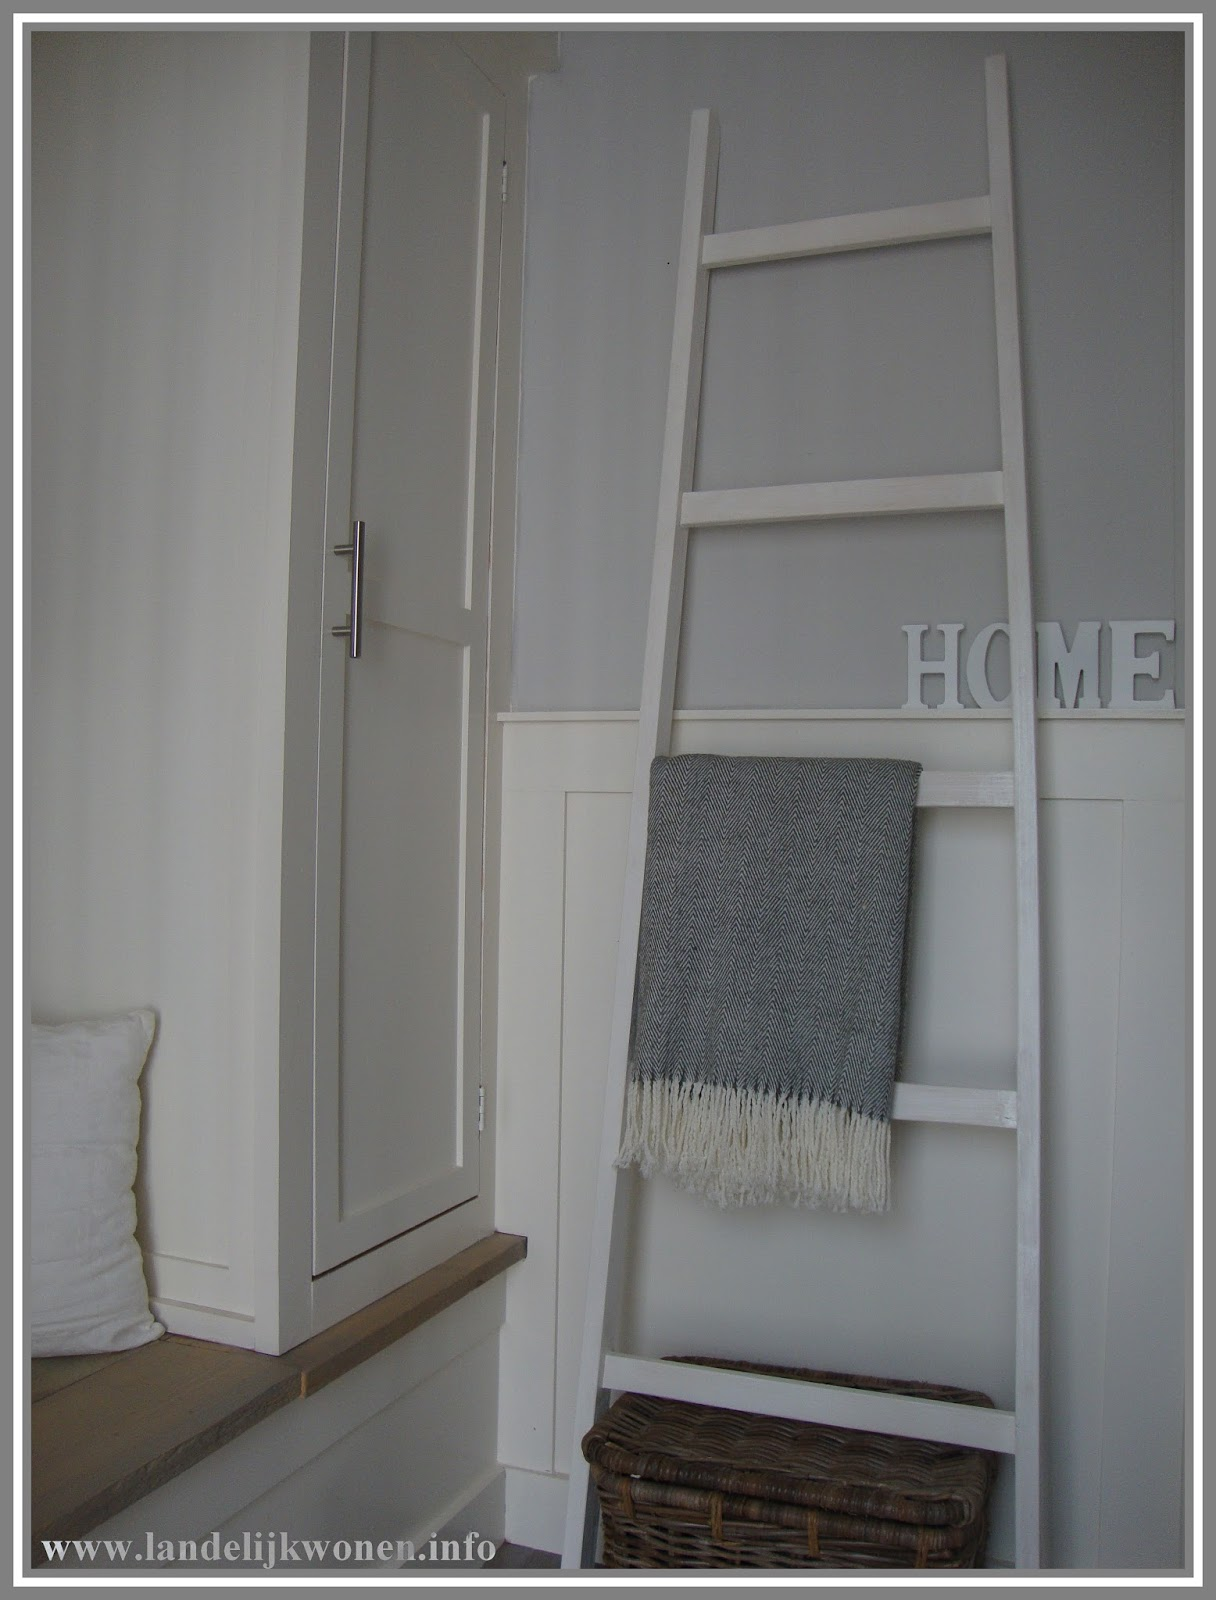 Zeer Landelijk Wonen: Interieur idee: Decoratieve Ladder zelf maken #HJ89